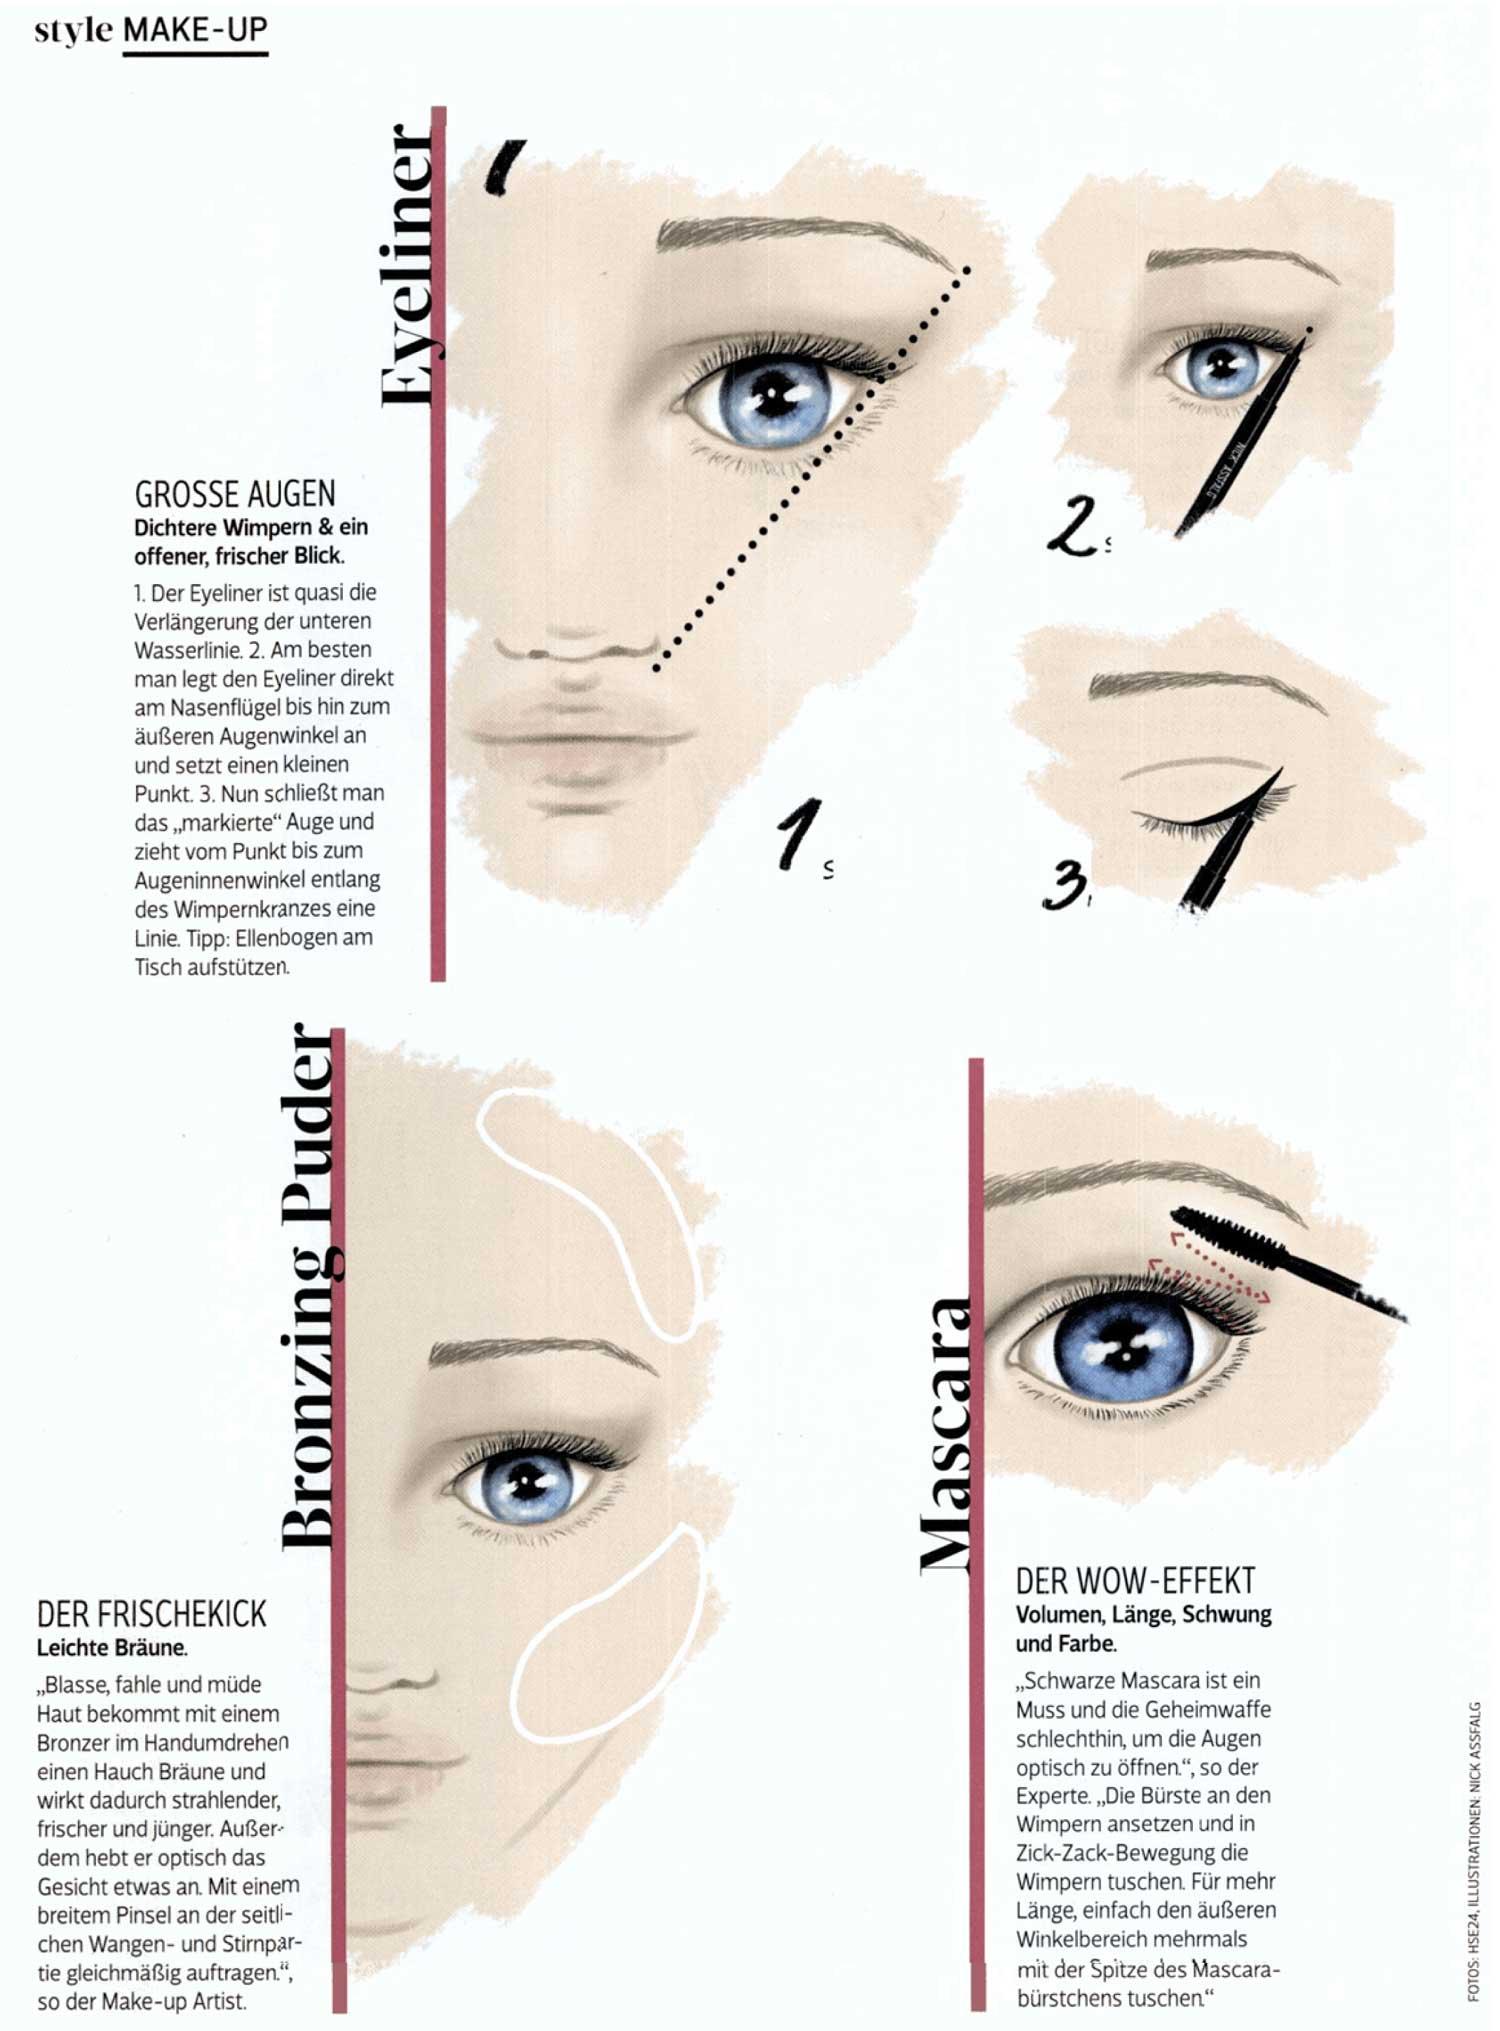 Berühmt Das Auge Markiert Fotos - Menschliche Anatomie Bilder ...